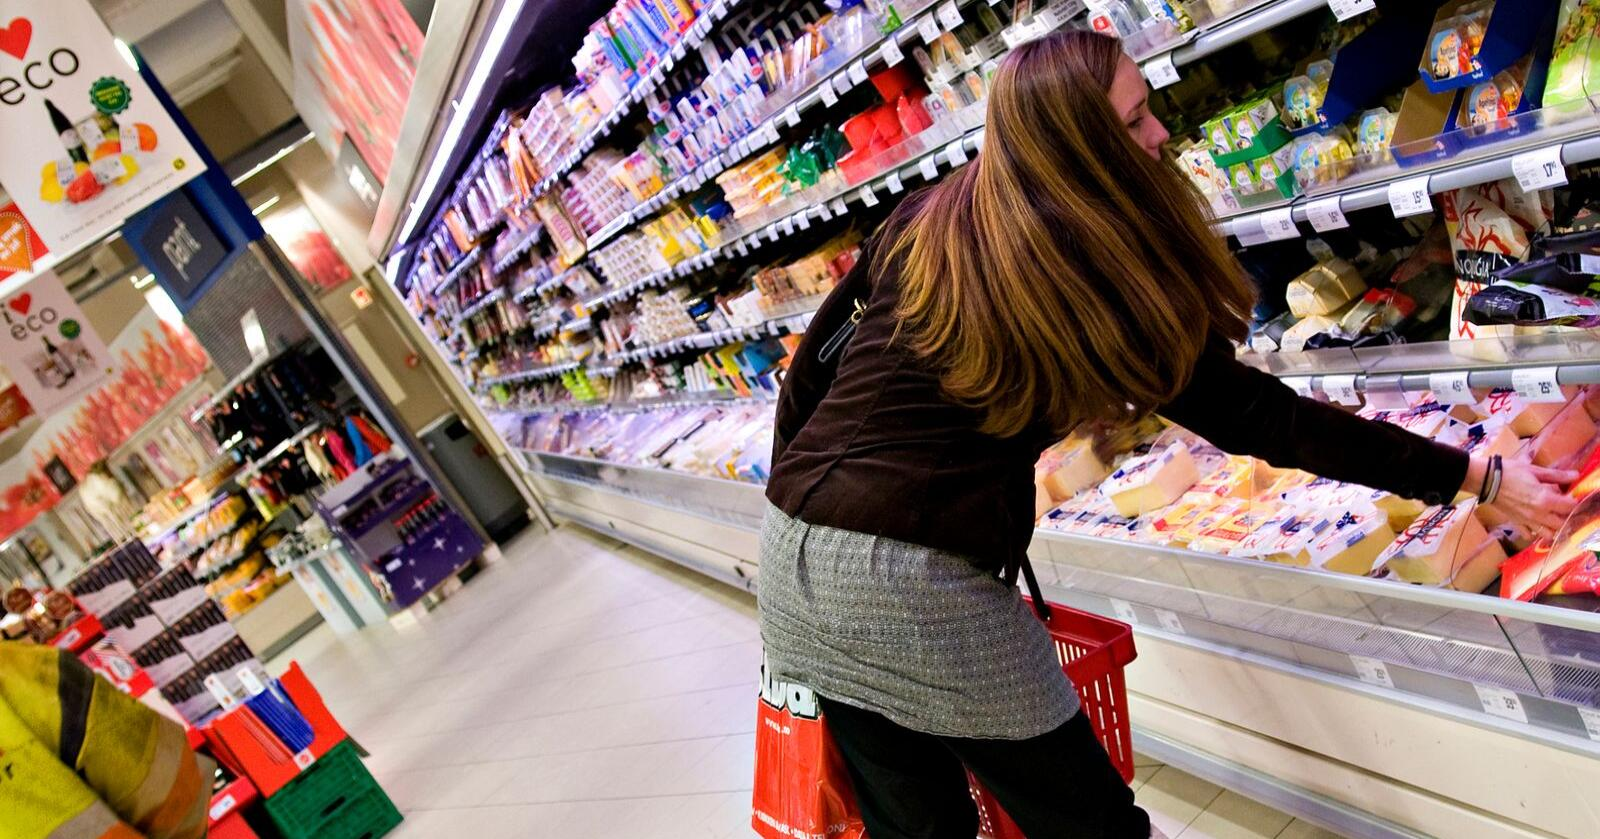 Matmerking: I det siste har det vært flere eksempler på at mat ikke har vært merket godt nok. - Forbrukeren er opptatt av merking, og det må også bransjen være, påpeker bondelagslederen. (Foto: Tine)